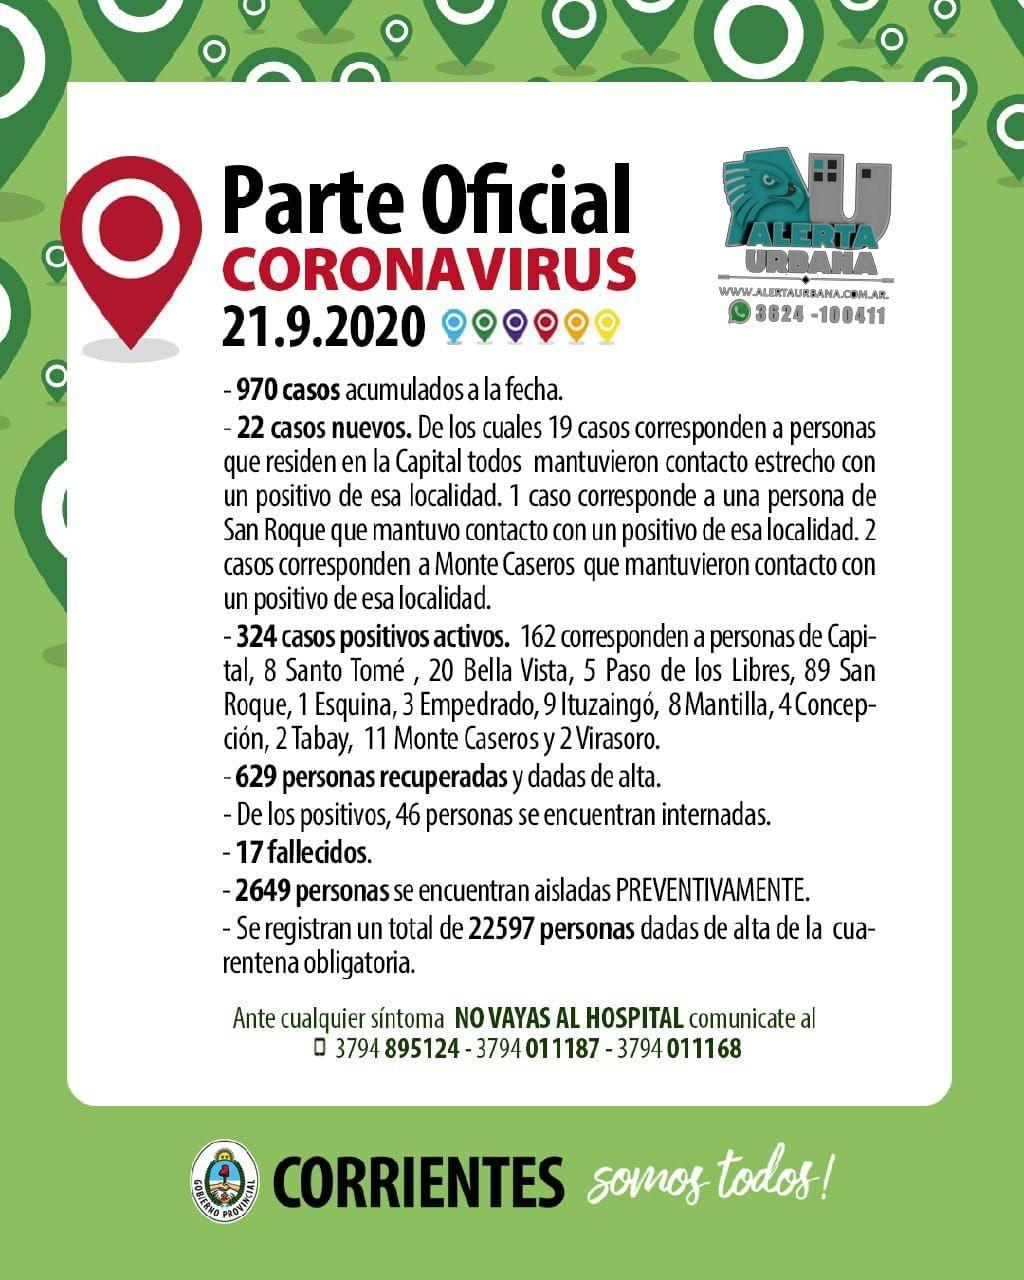 Corrientes registro 22 casos nuevos de COVID-19